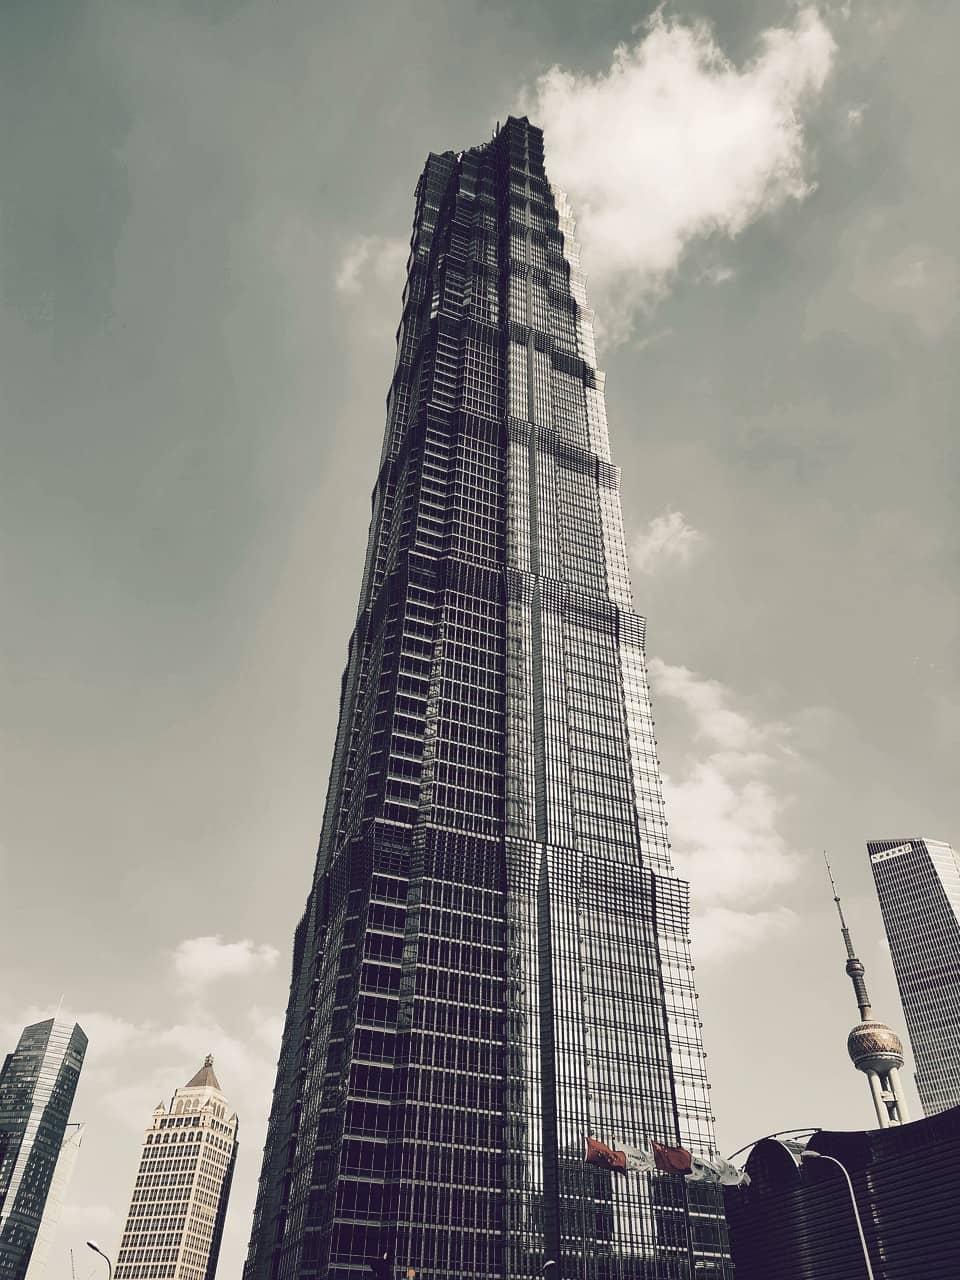 Torre de Shanghái, el segundo rascacielos más grande y alto del mundo